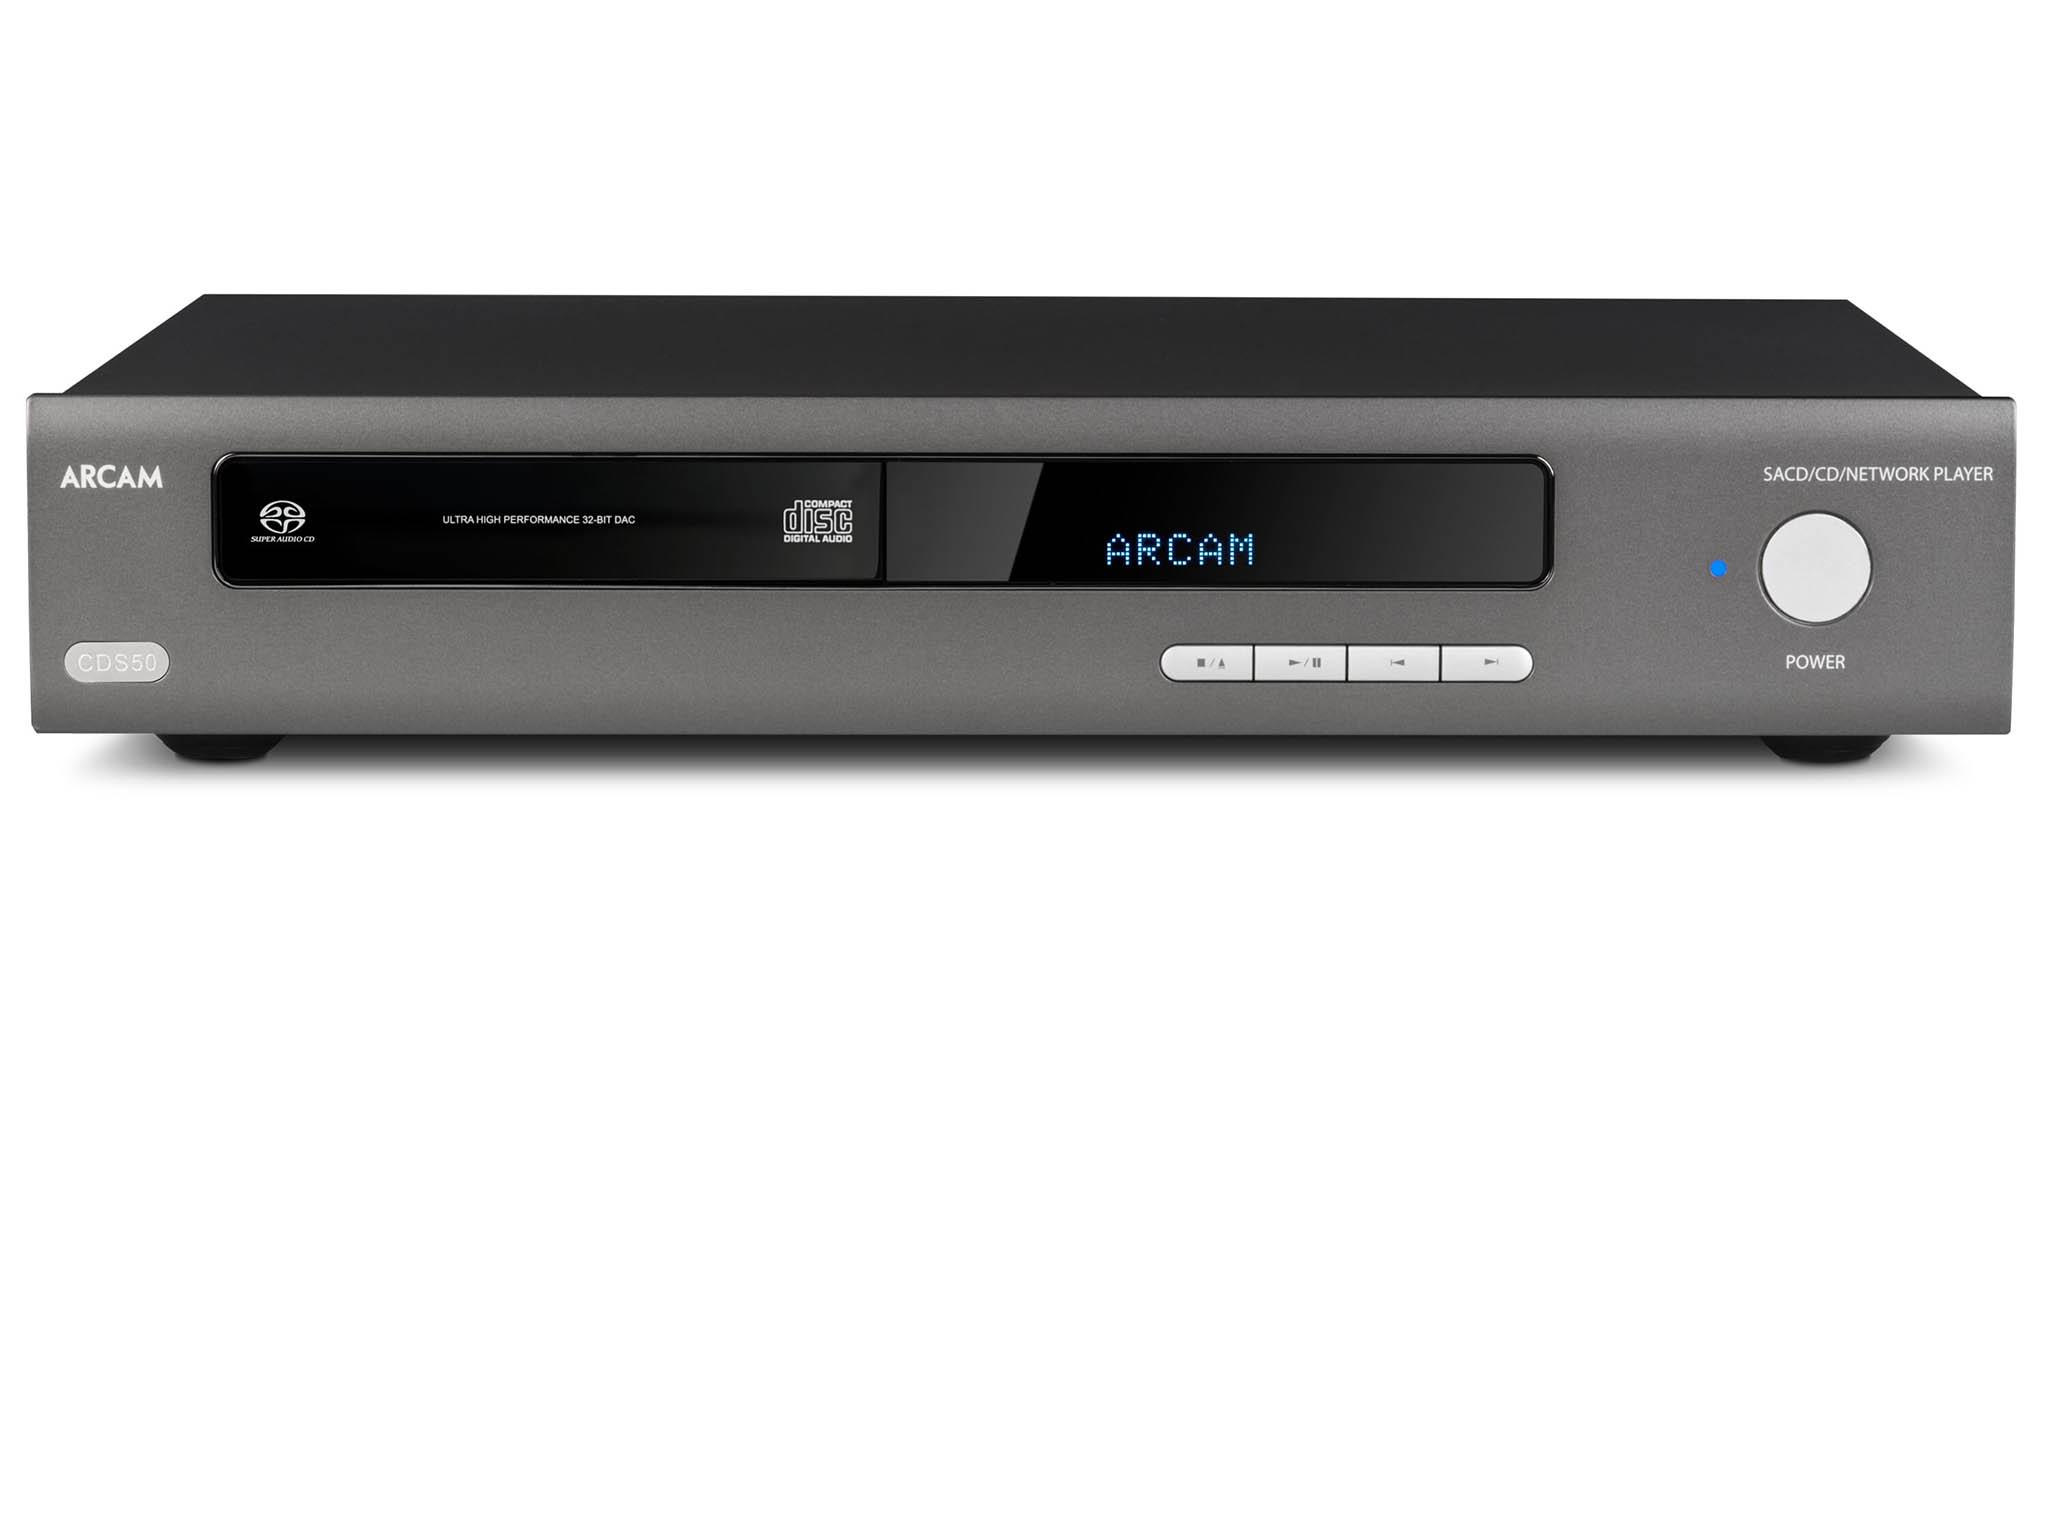 Arcam HDA CSD50 vypadá jako luxusní hi-fi CD přehrávač, ale kromě optických disků včetně Super Audio CD si poradí isestreamováním hudby.